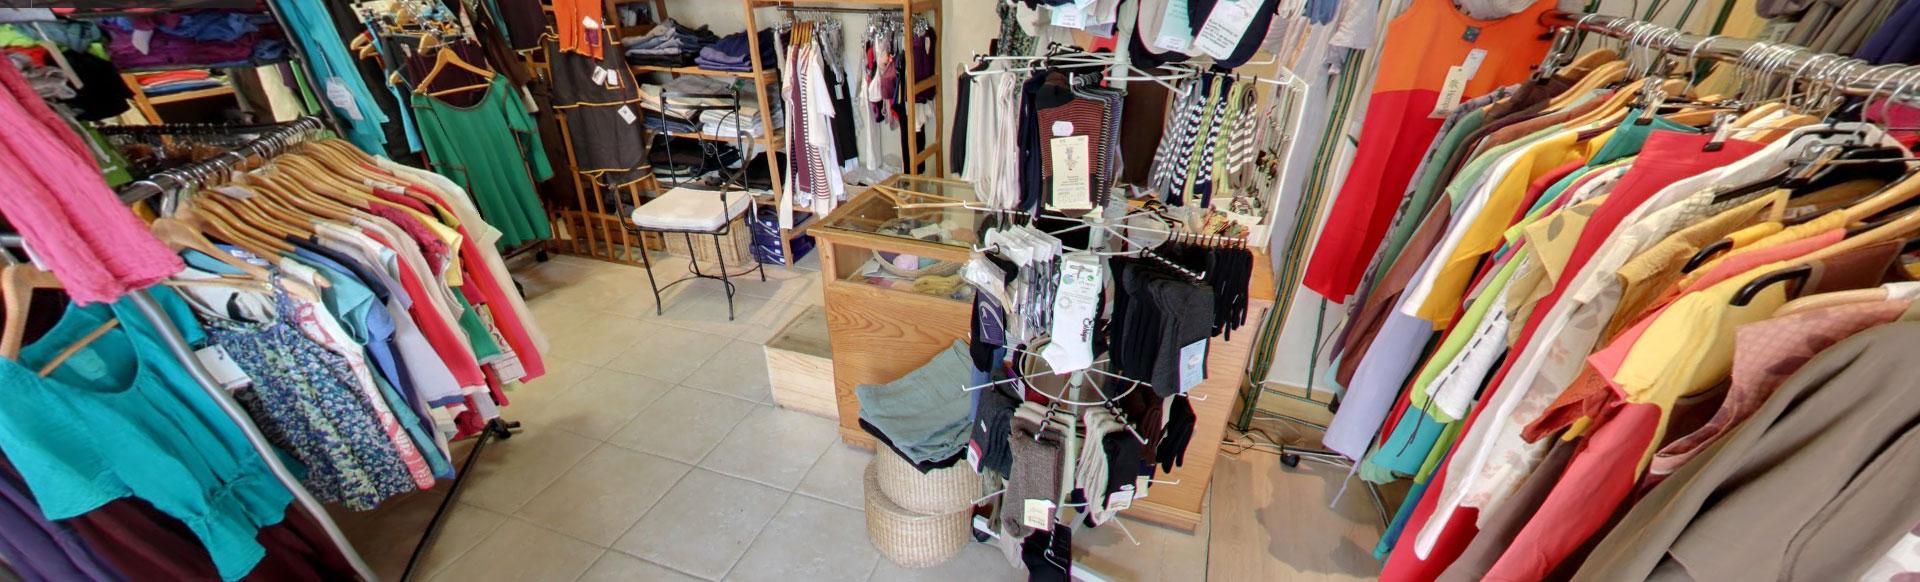 Fibris, boutique à Paris et vente en ligne de vêtements bio